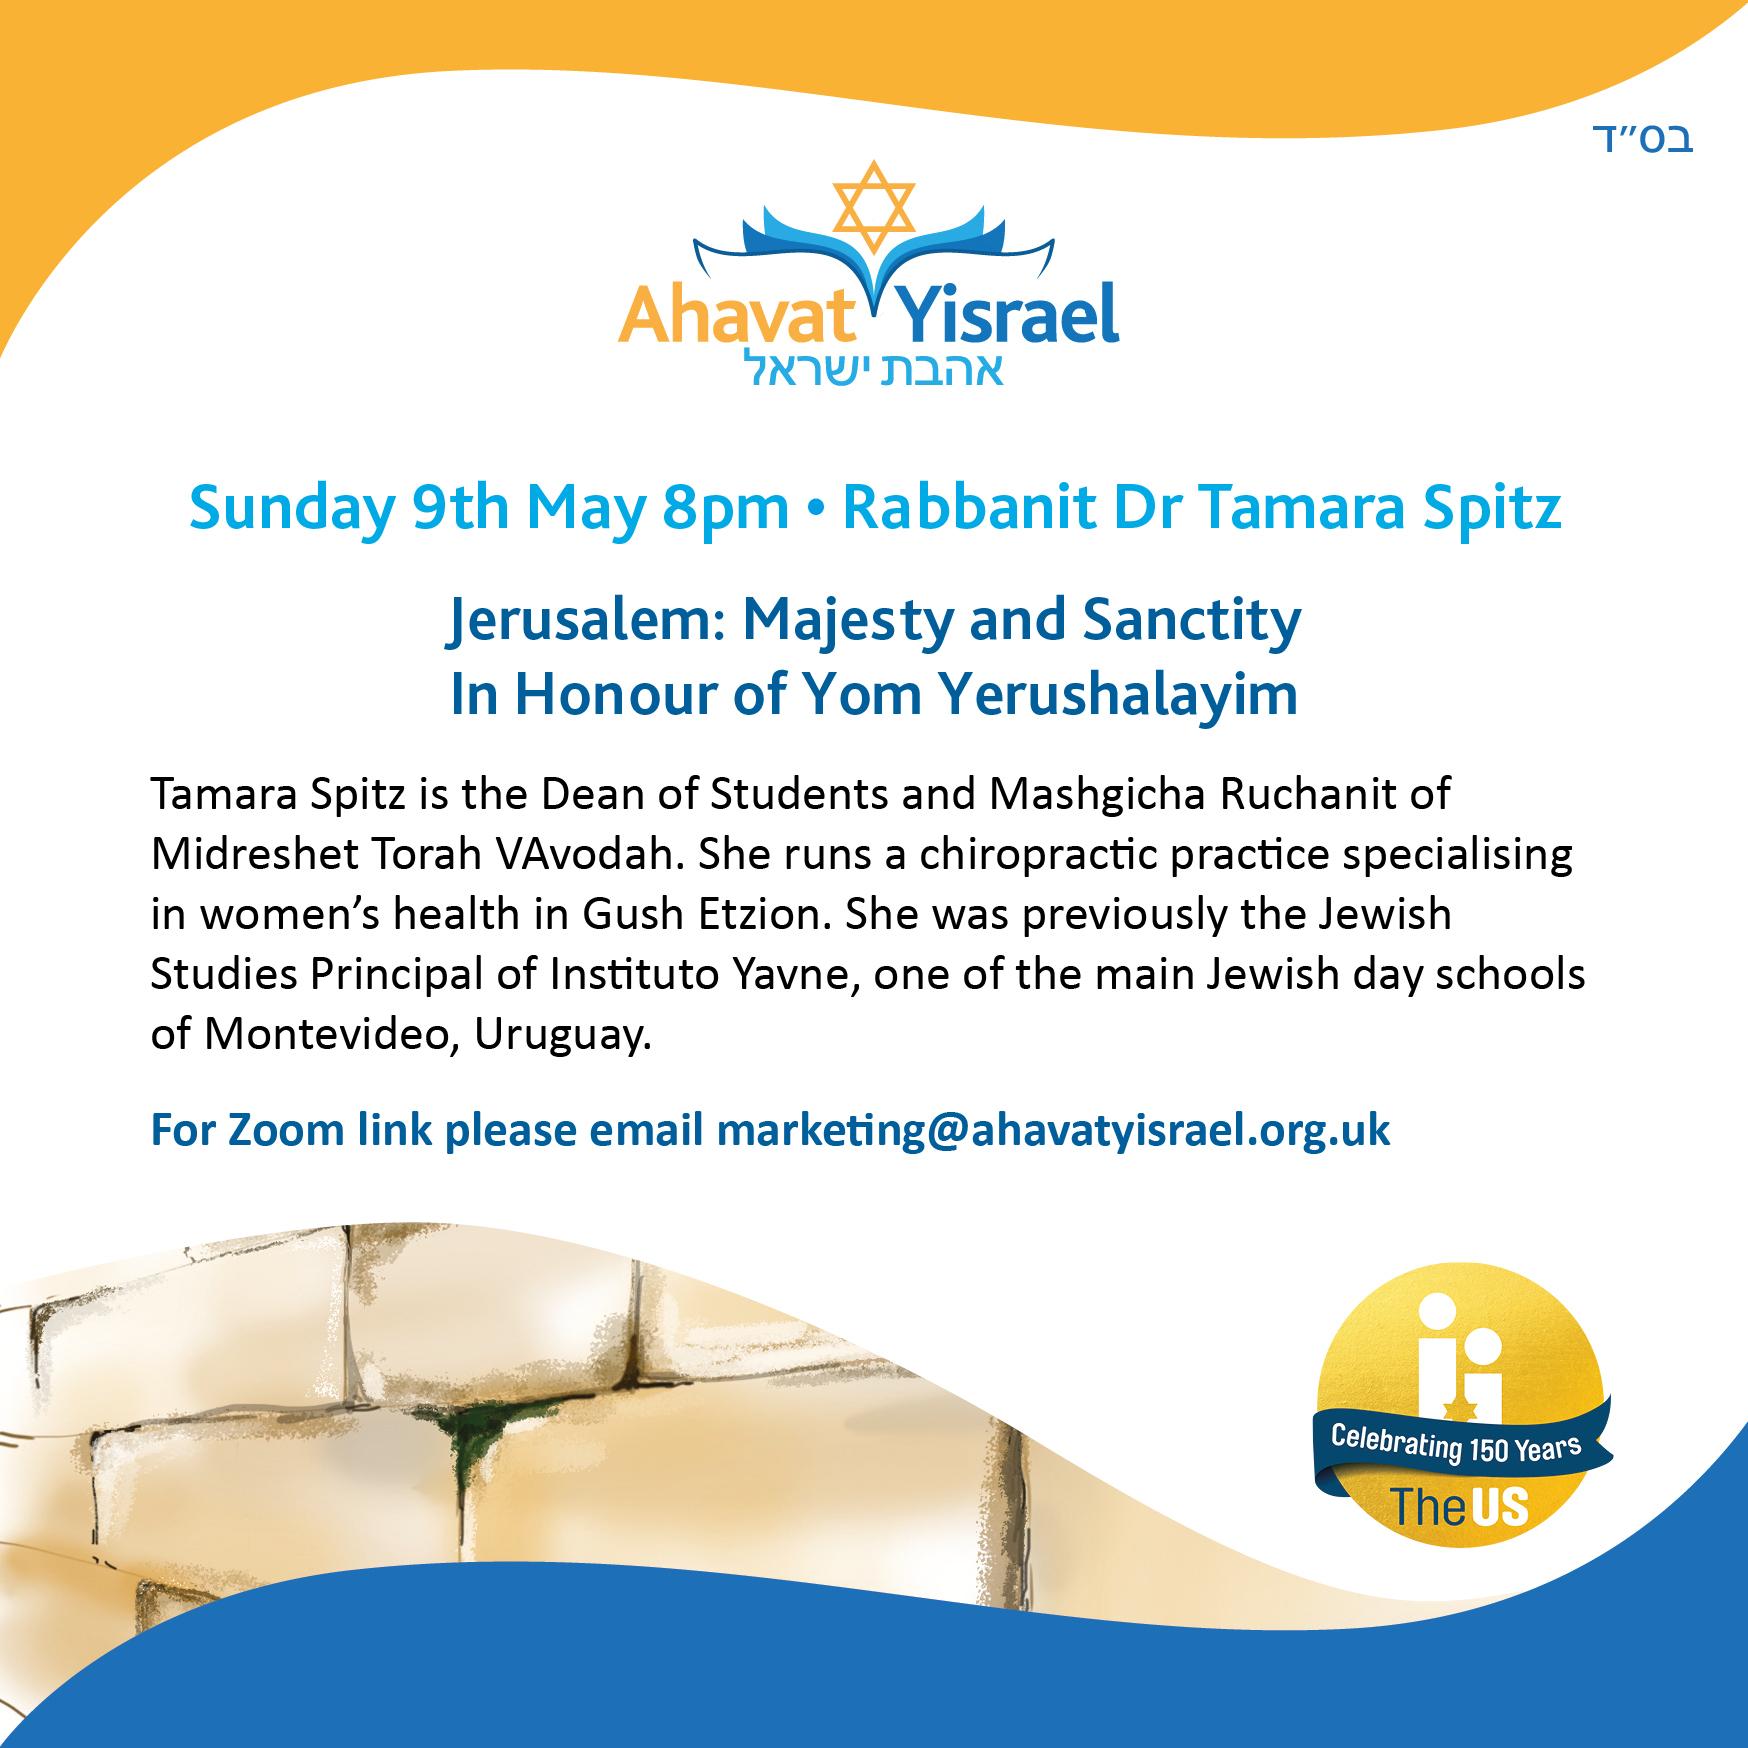 Jerusalem: Majesty and Sanctity